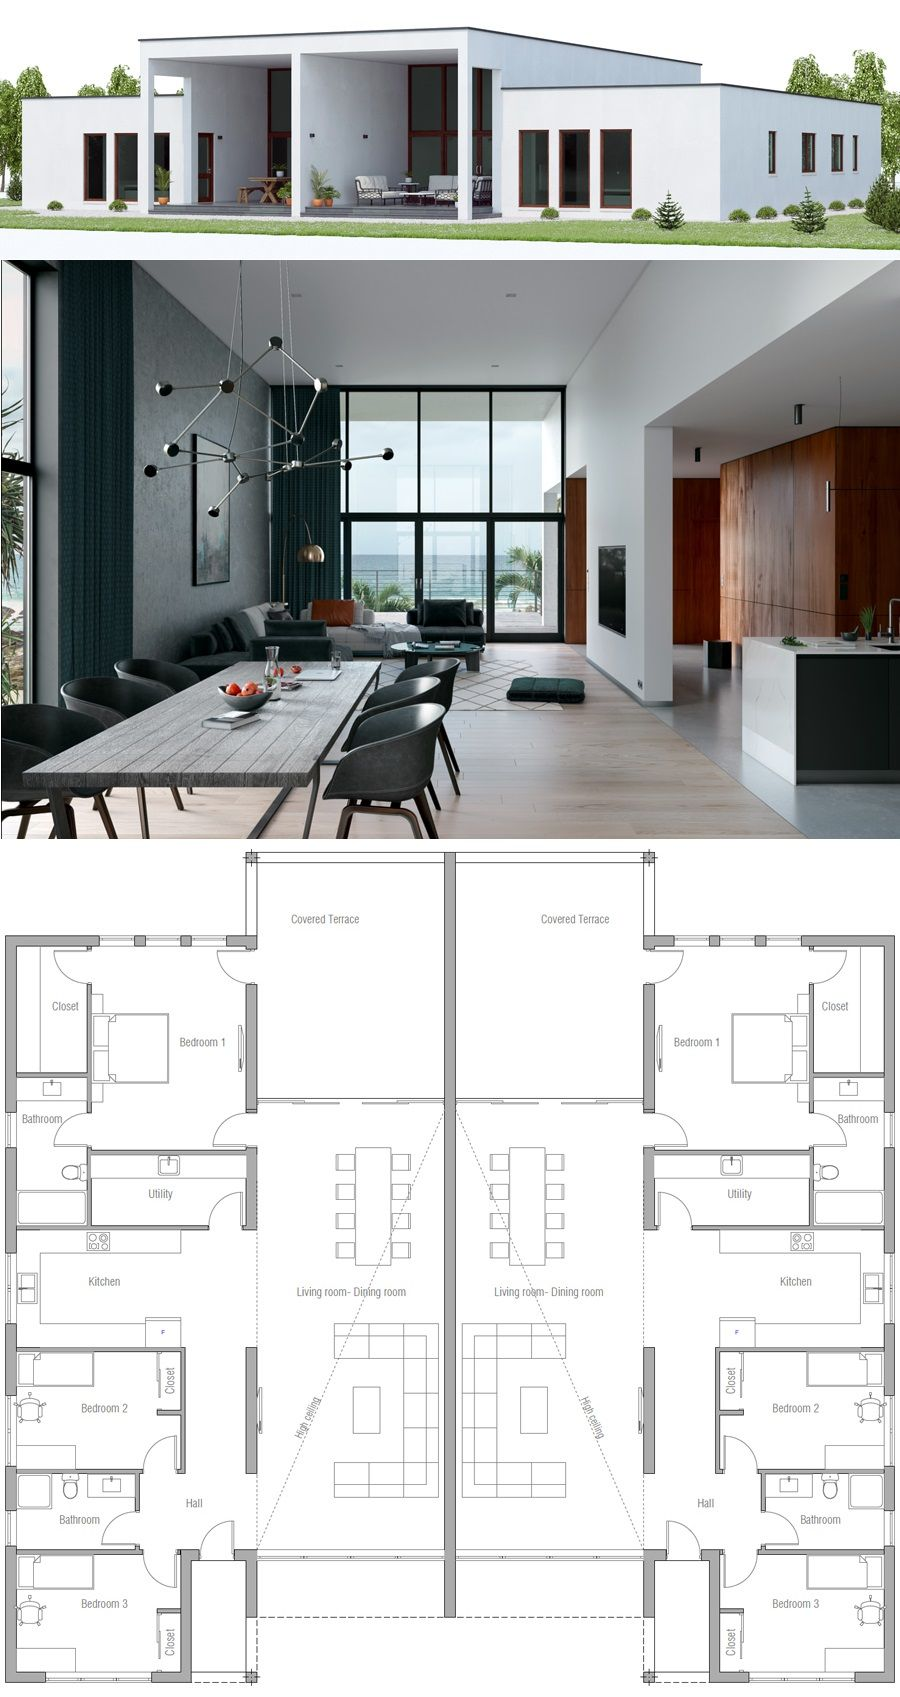 Duplex House Plan Plan De Maison Jumelee Plan Maison Contemporaine Maison Duplex